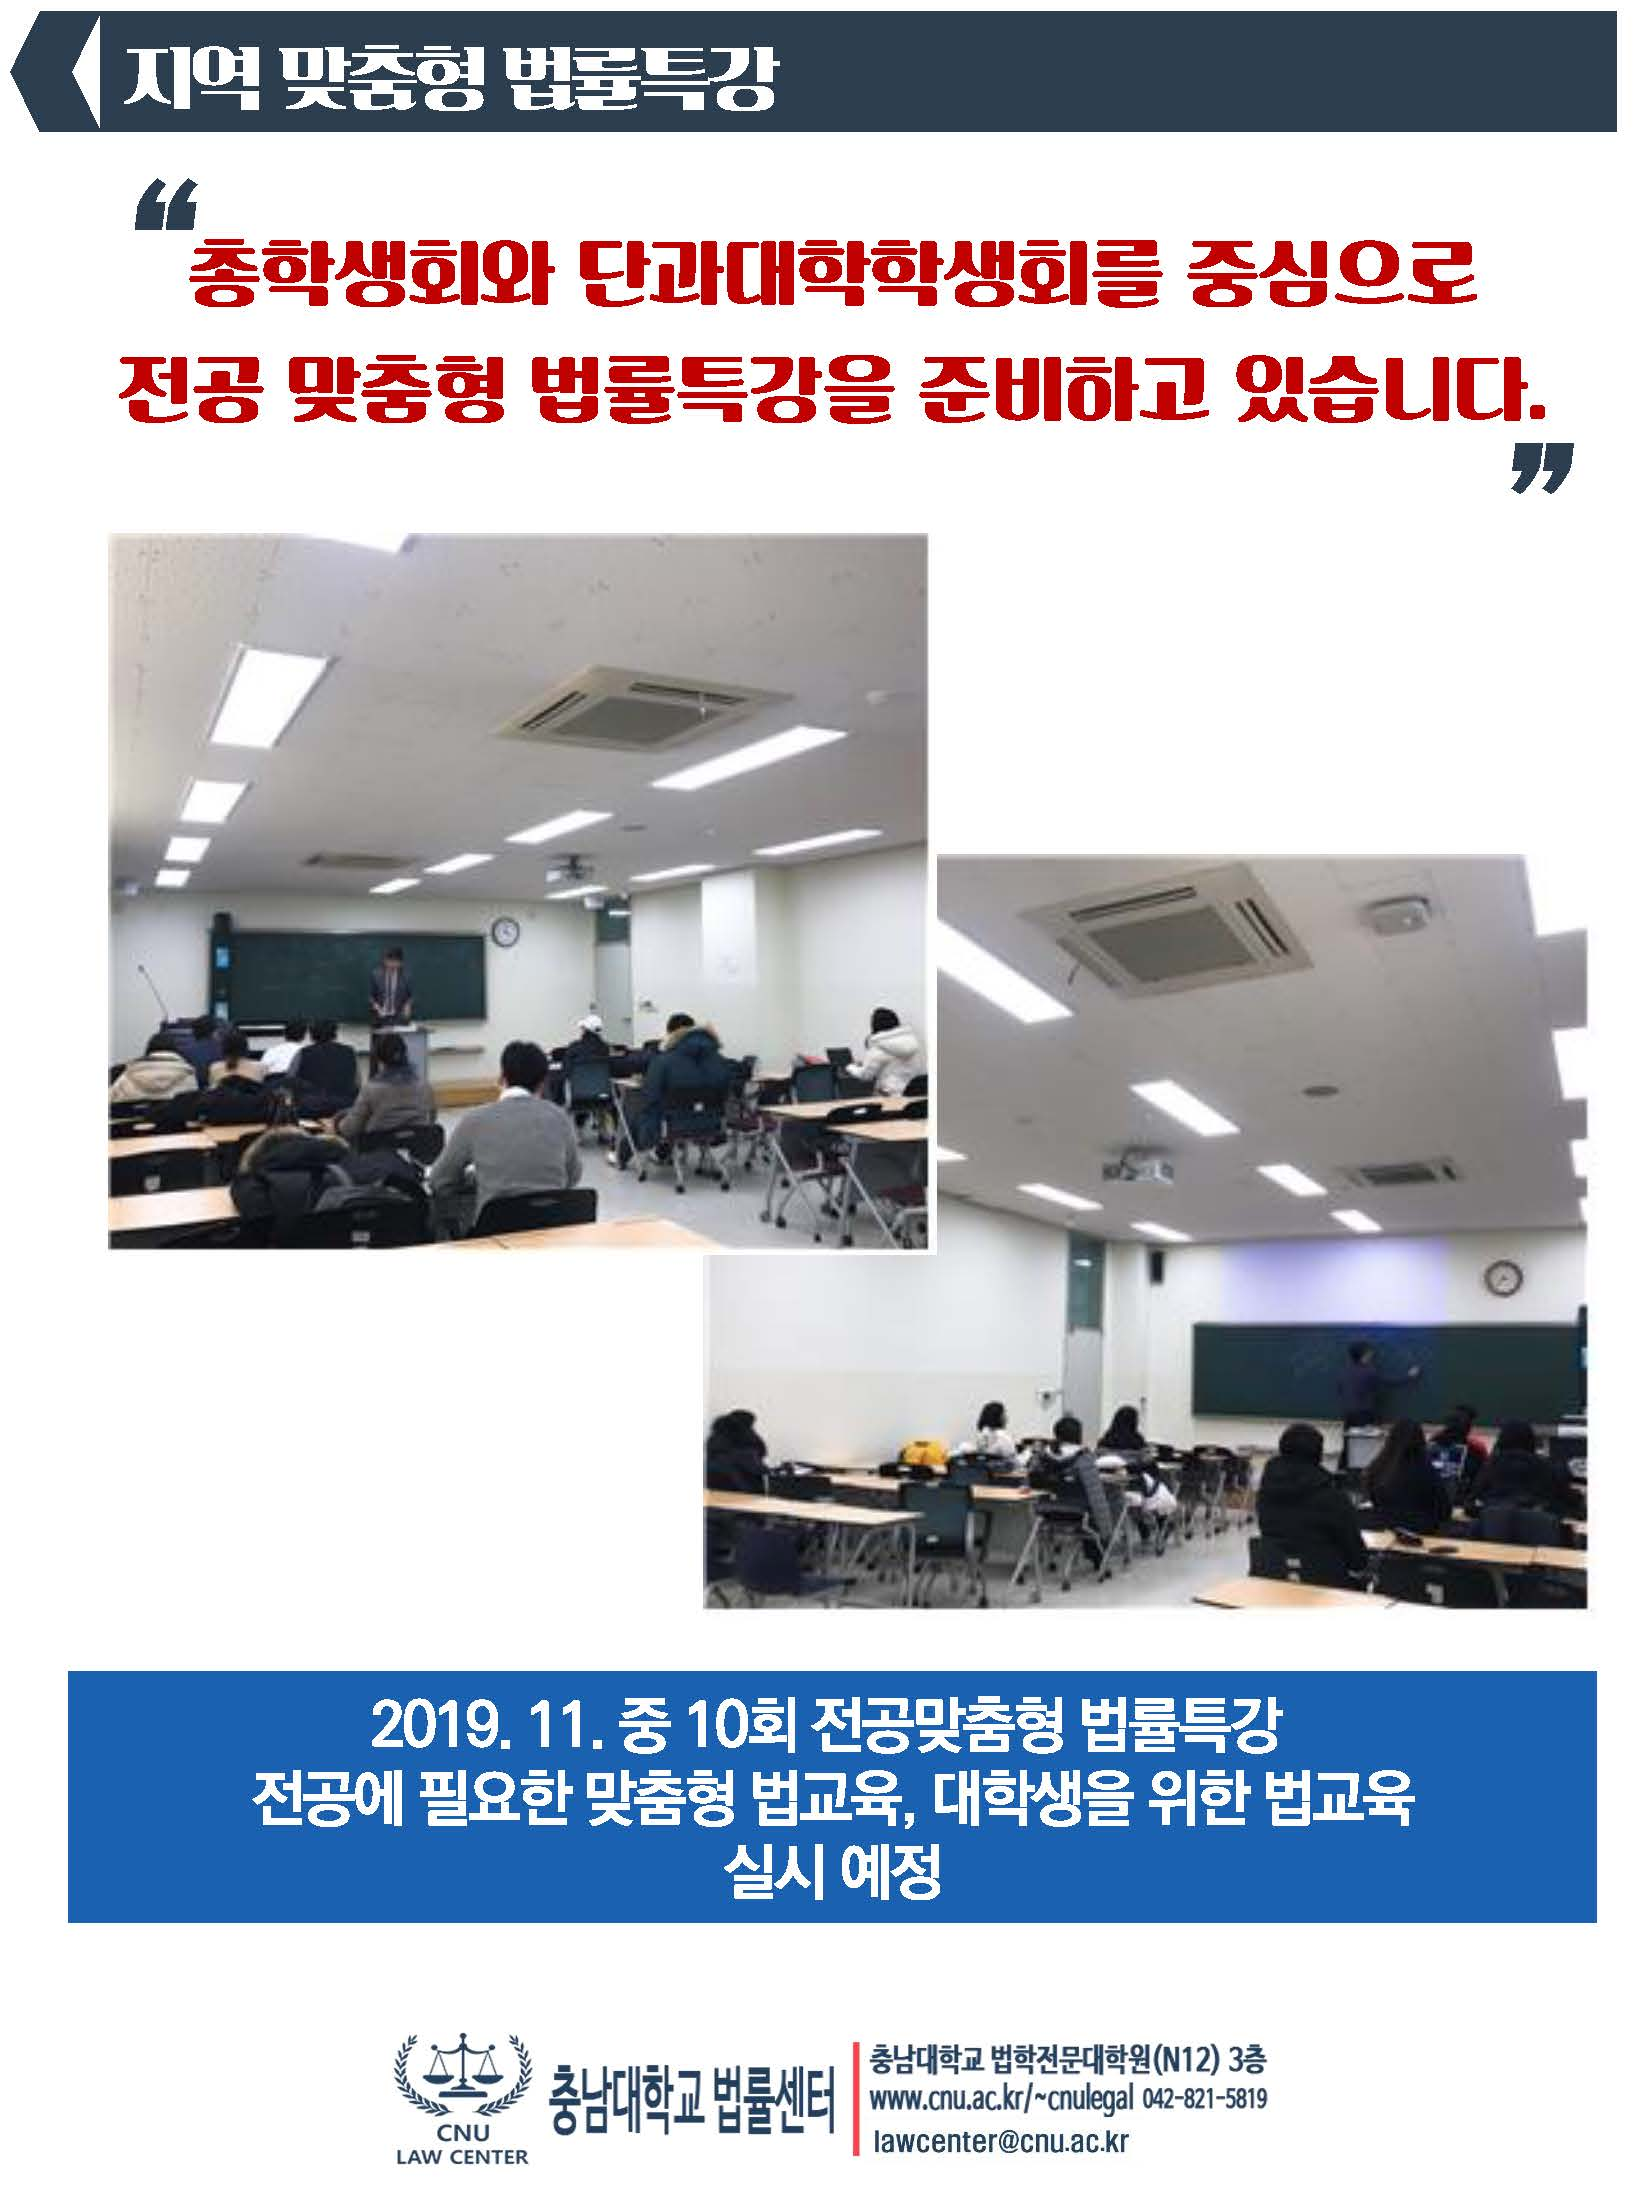 충남대학교 법률센터 홍보자료_페이지_10.jpg